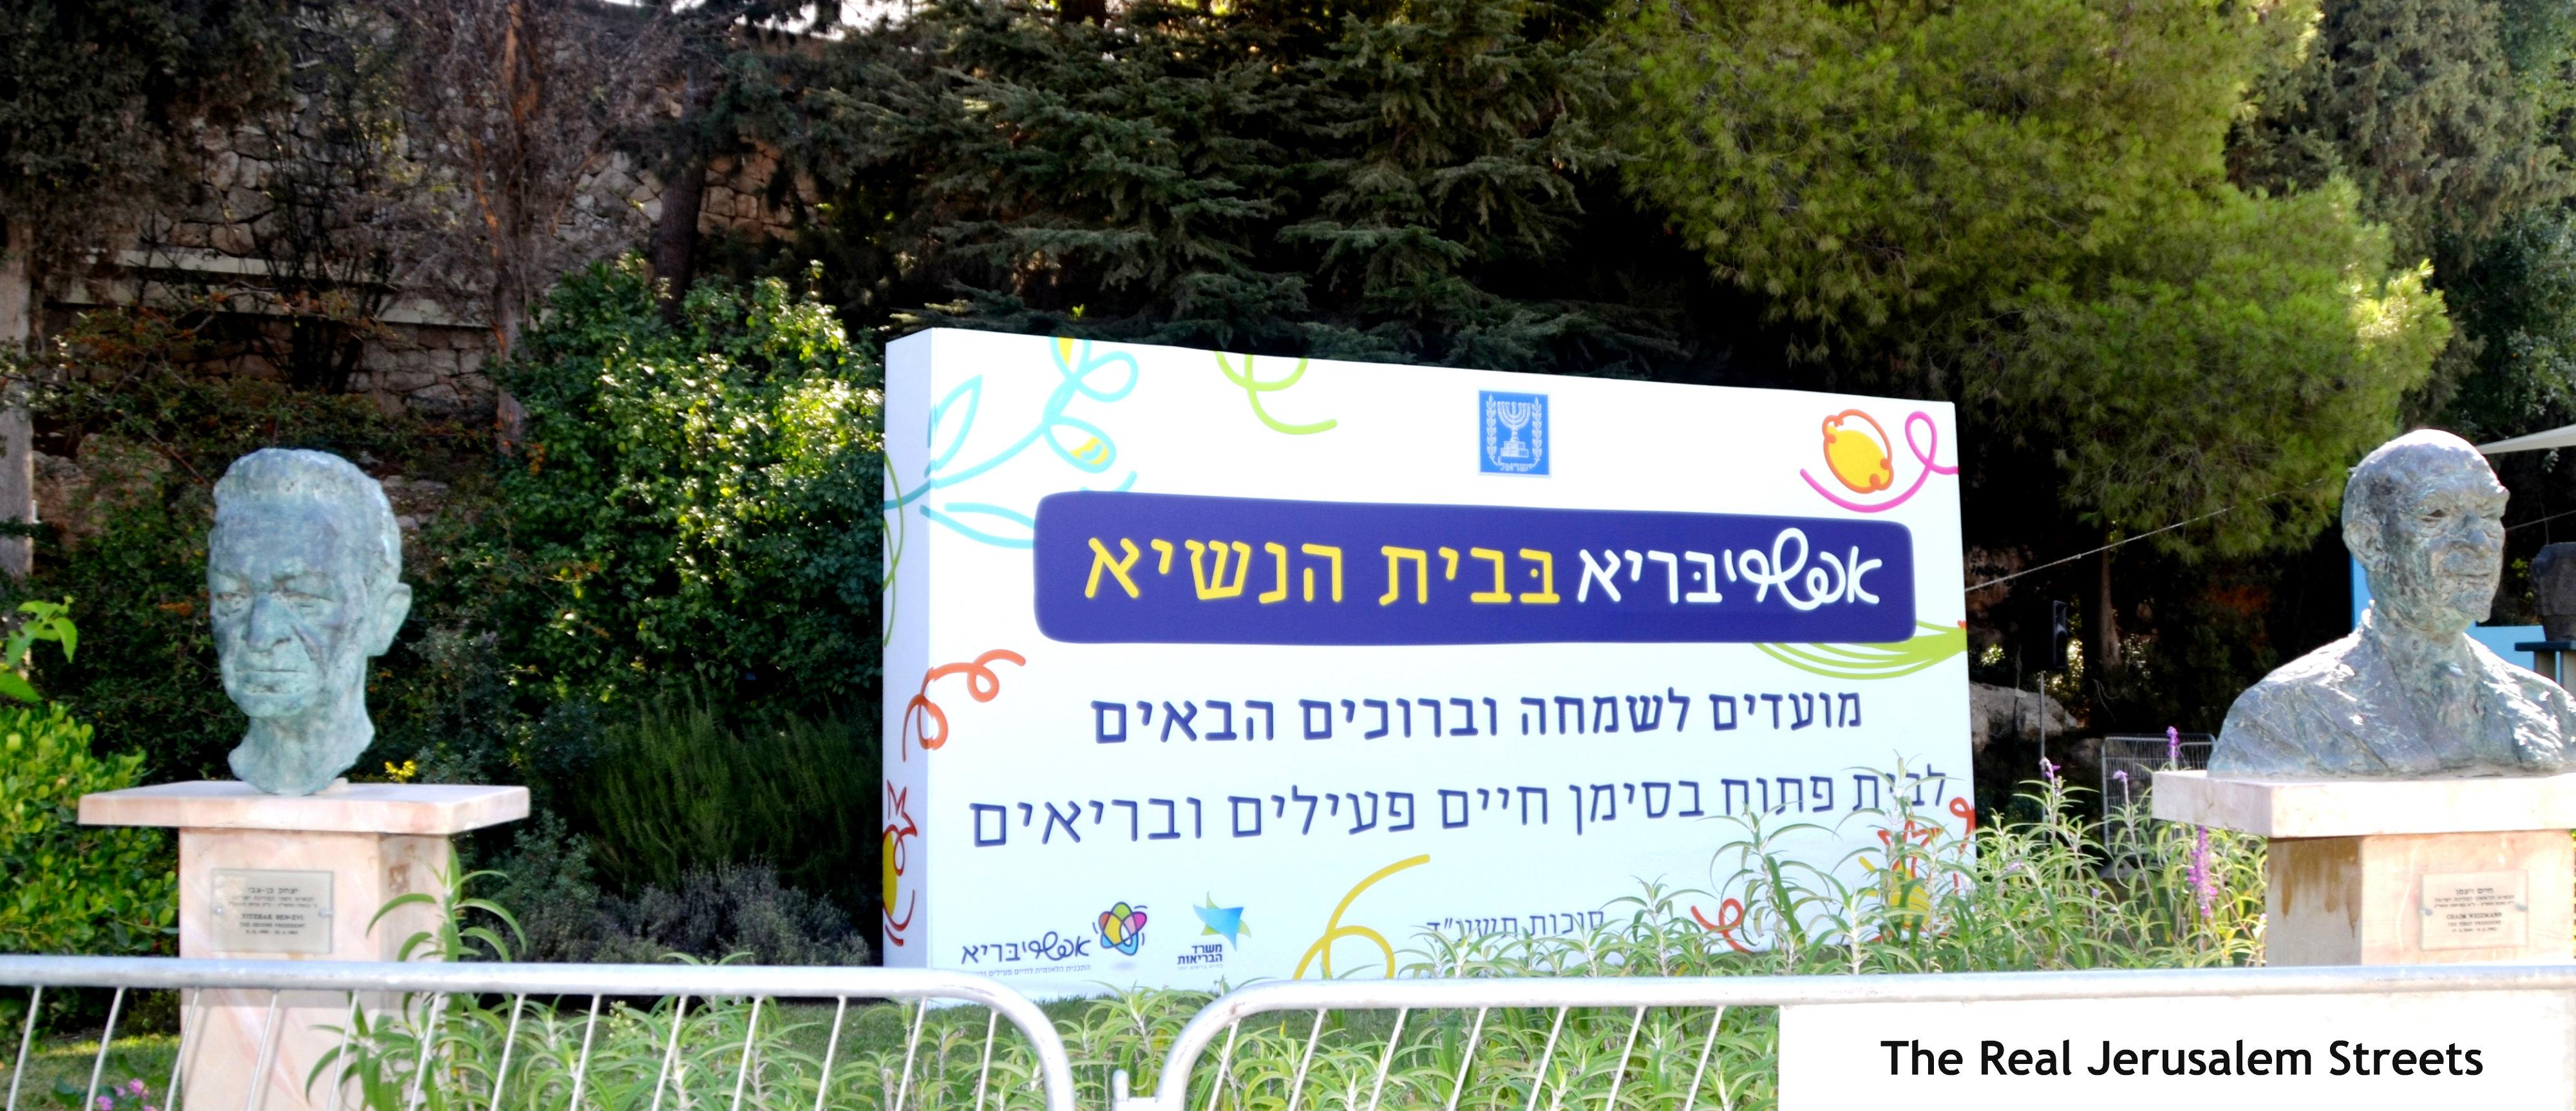 Israeli president garden image